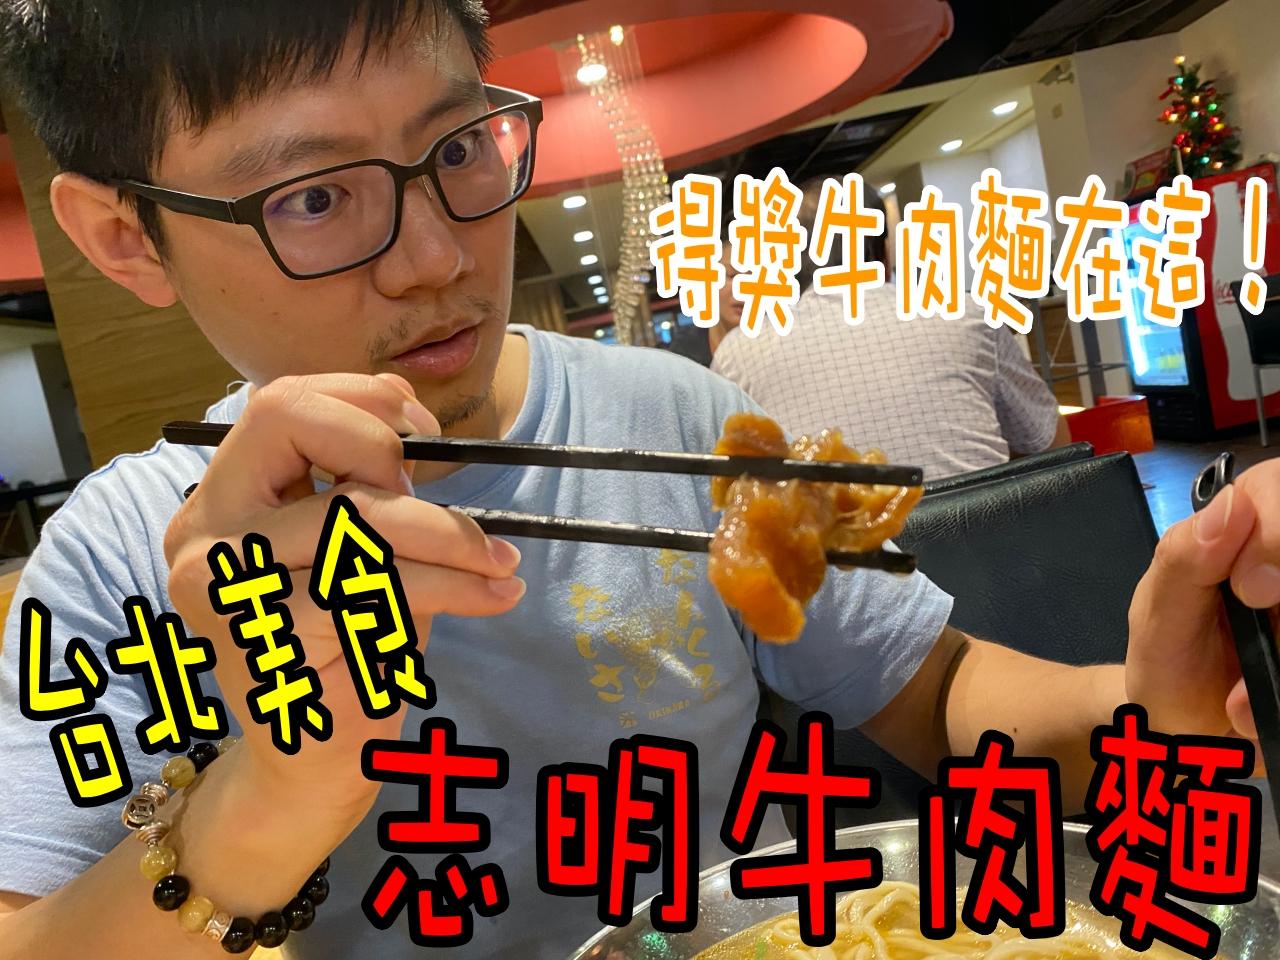 [食記]台北美食 中山國中站 得獎牛肉麵 錦州街志明牛肉麵